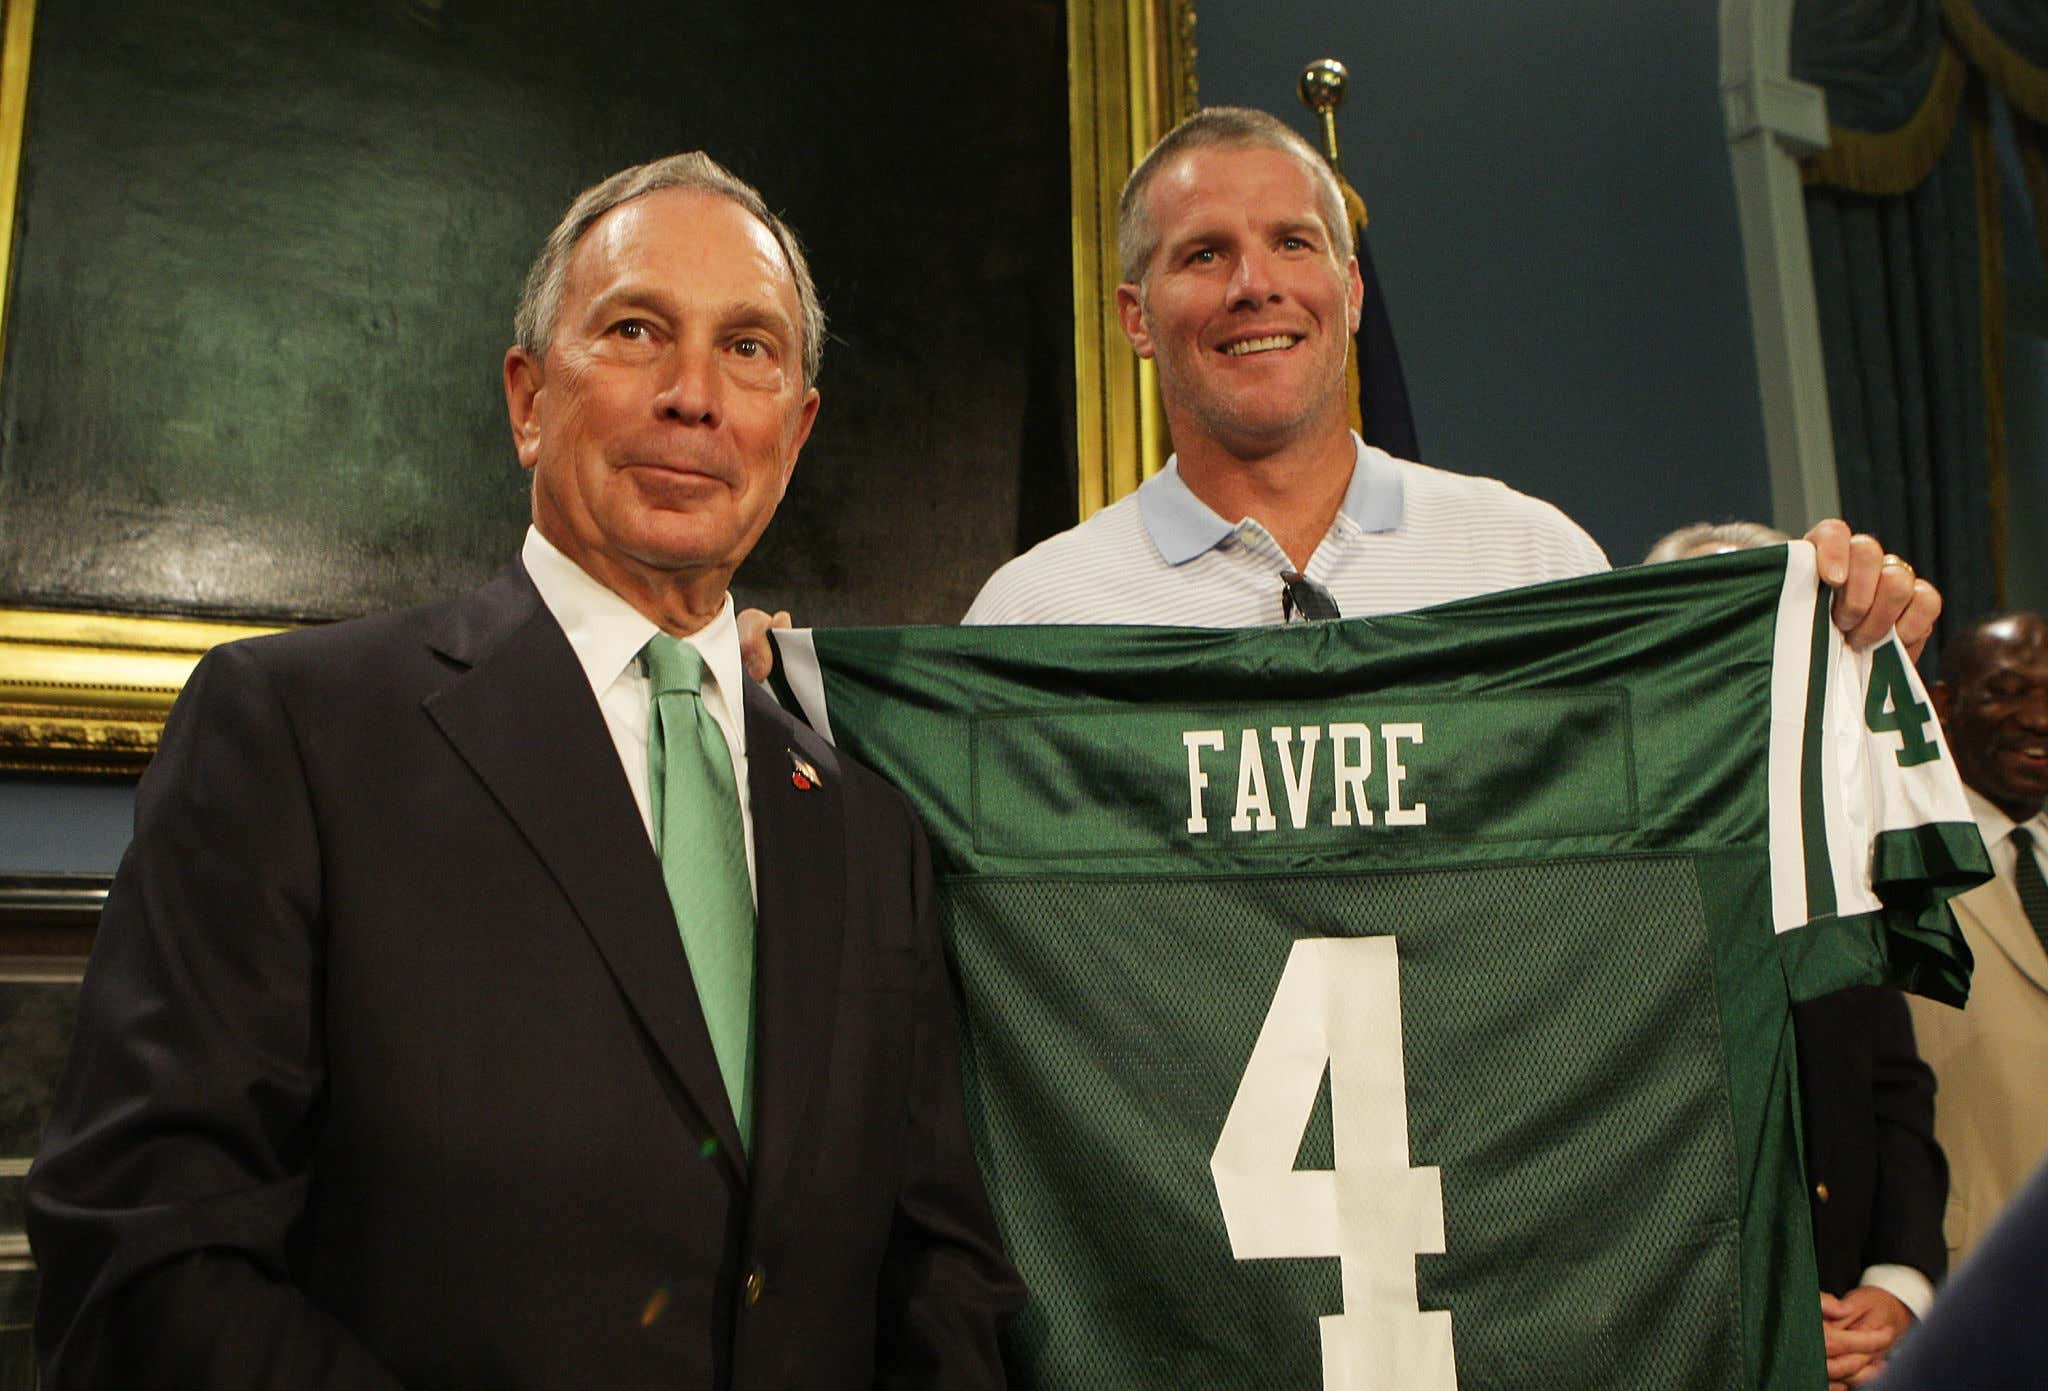 Mayor Bloomberg Welcomes Brett Favre to New York